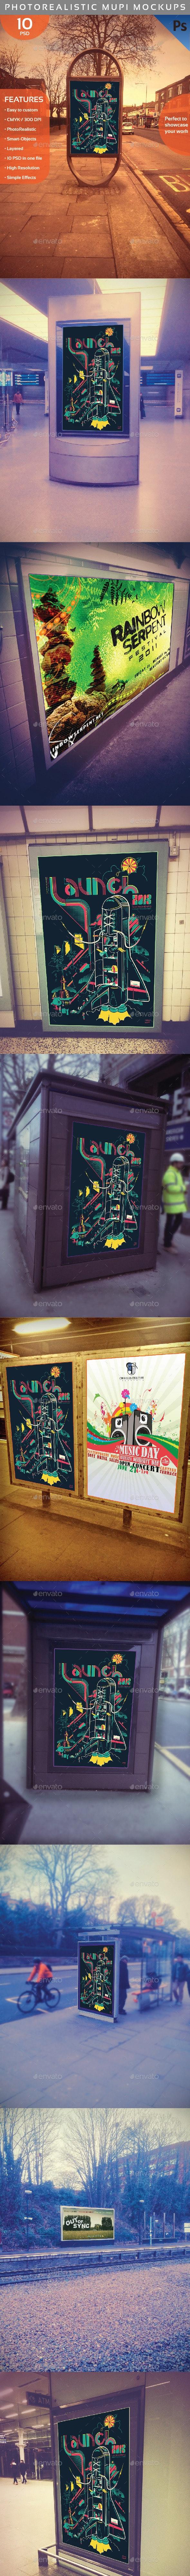 Photorealistic Mupi Mockup - Signage Print